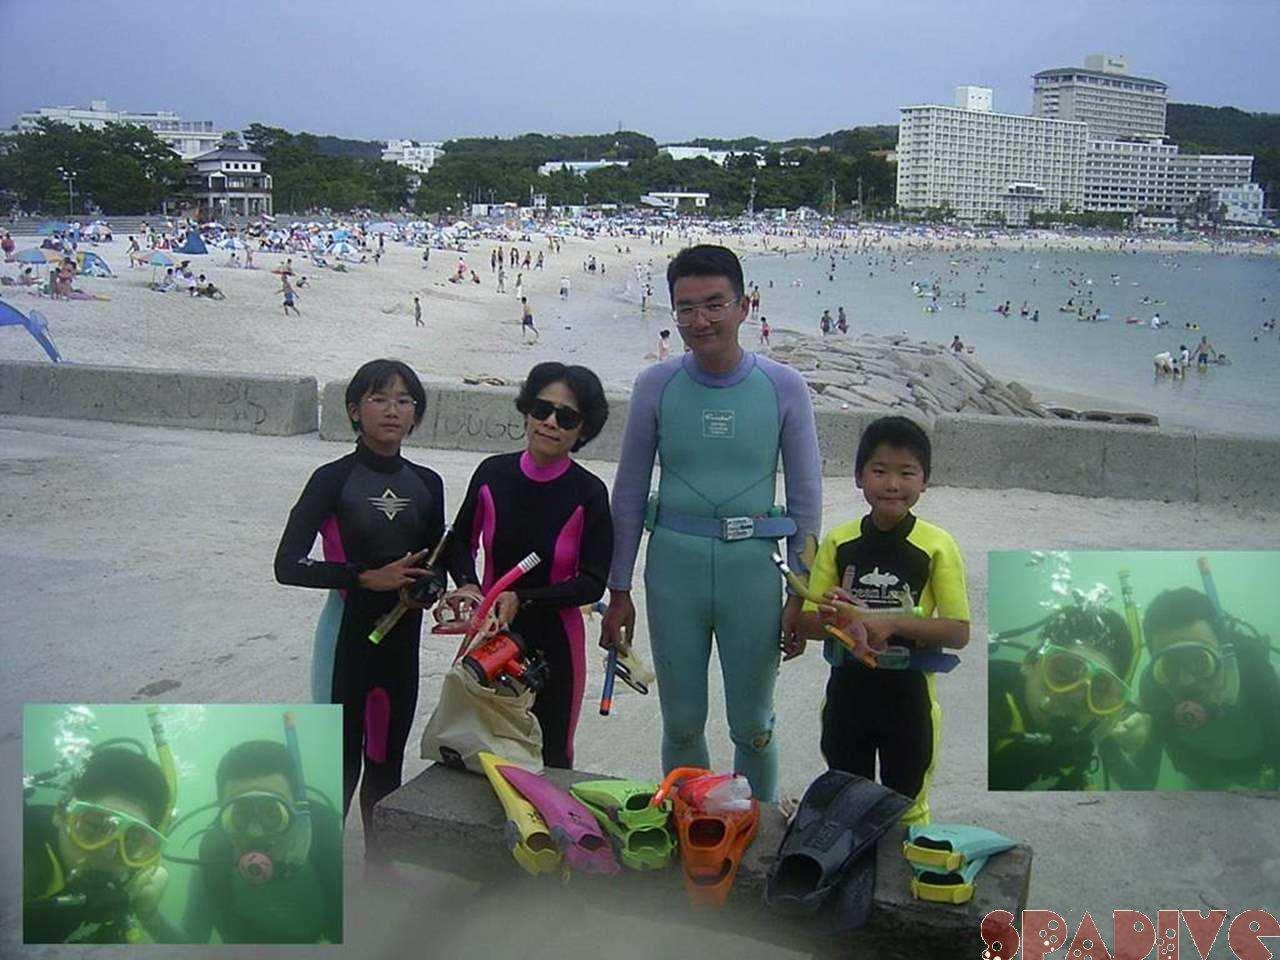 体験ダイビング9歳バブルメーカー 8/3/2004白浜権現崎